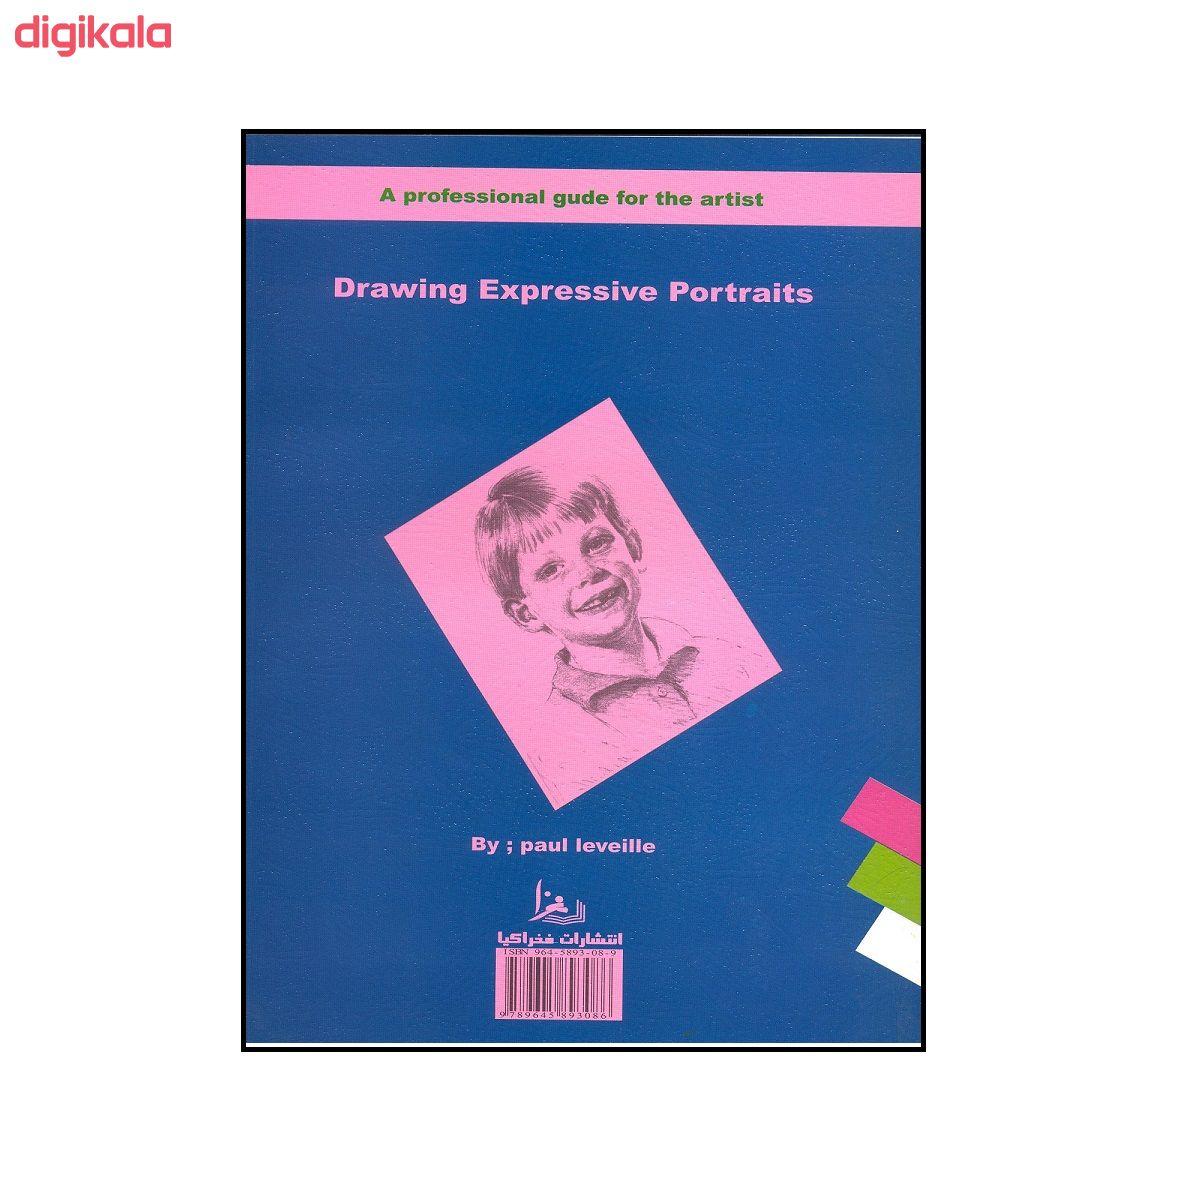 کتاب طراحی از چهره یک راهنمای کامل آموزشی برای نقاشان و طراحان اثر پاول لویل نشر فخراکیا